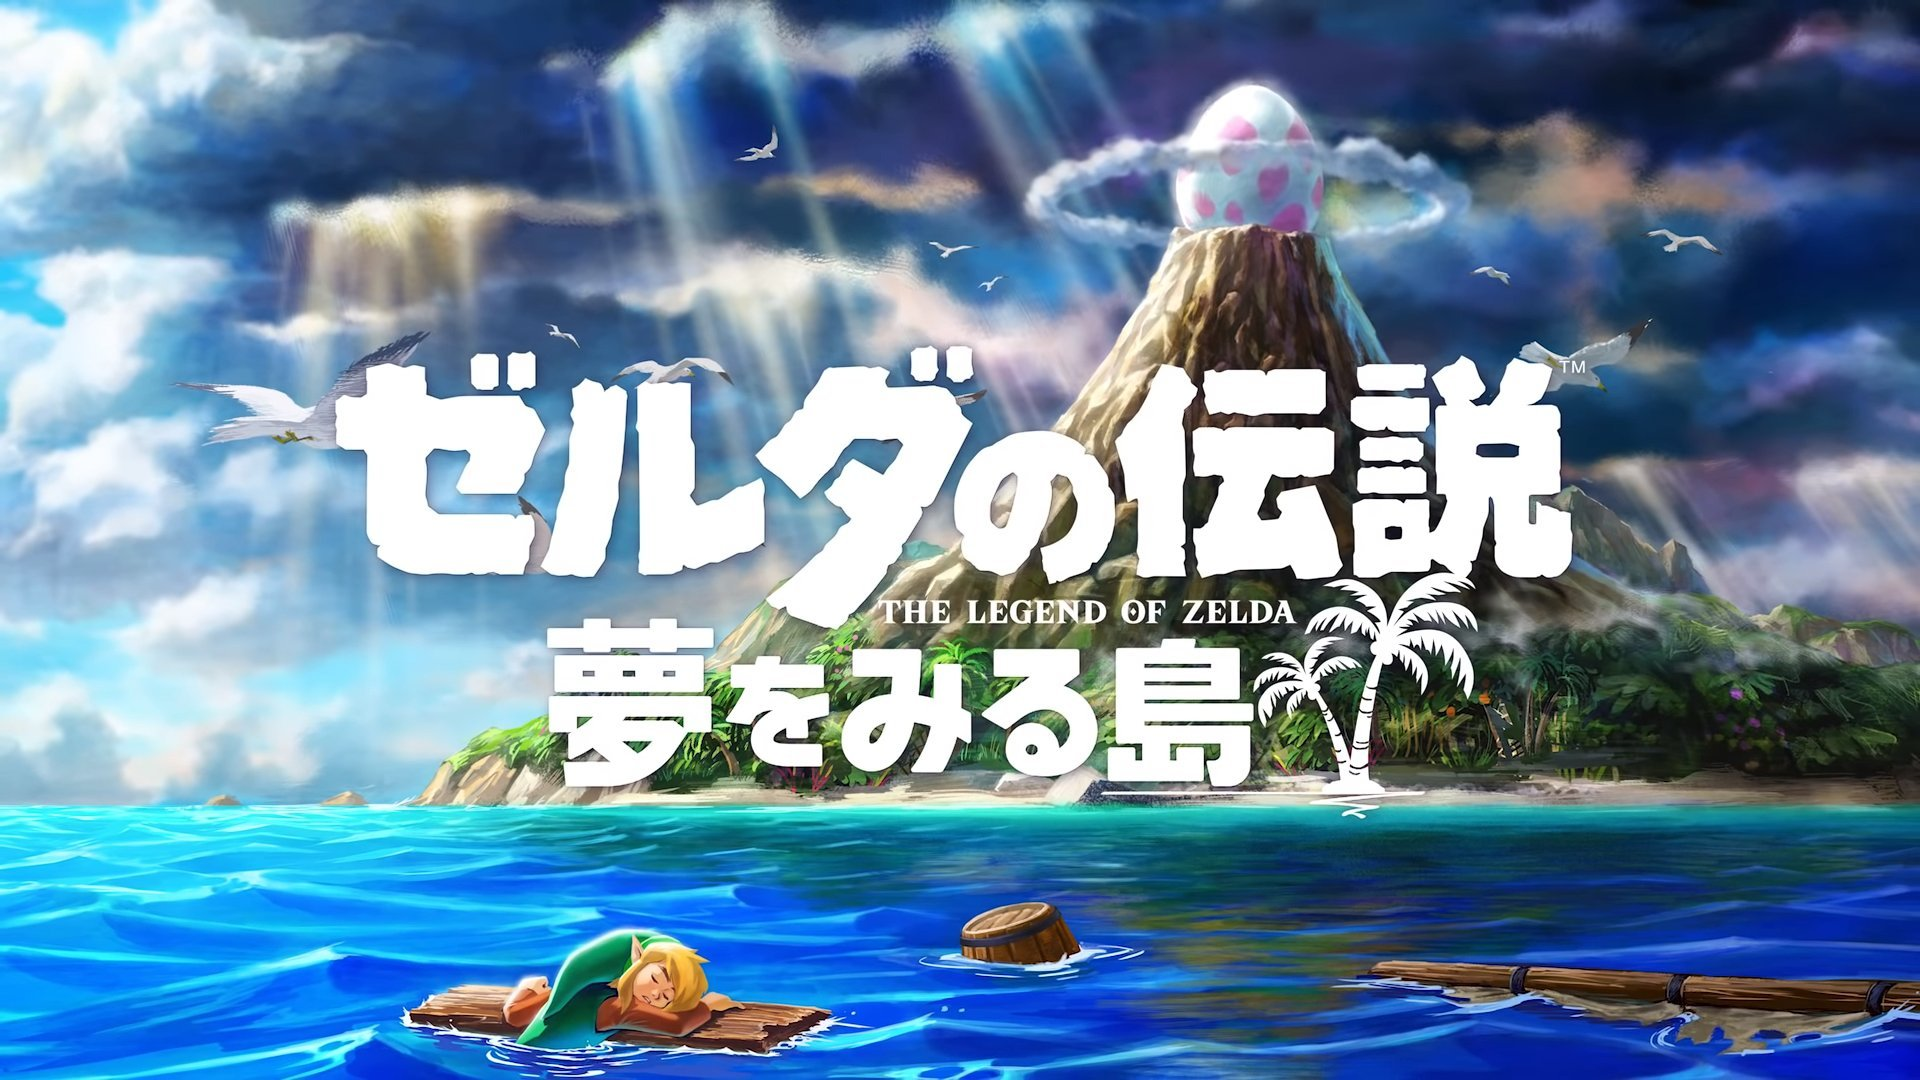 【朗報】『ゼルダの伝説 夢をみる島』、約2週間で313万本販売!!!